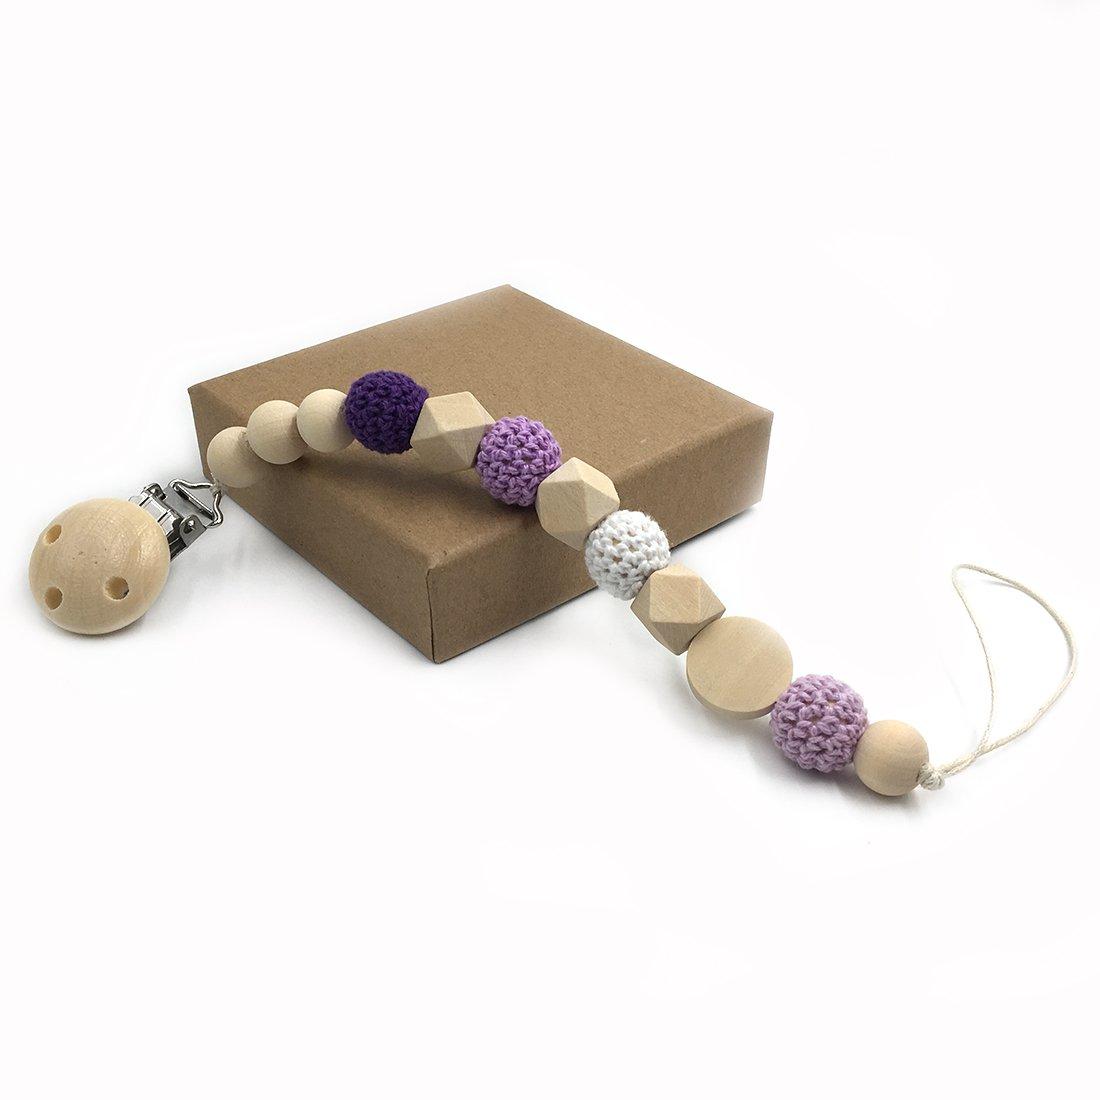 Coskiss Enfermera geométrica de madera de dientes ganchillo perlas chupete clip maniquí color natural cordón de seda Baby Teether regalo (púrpura)